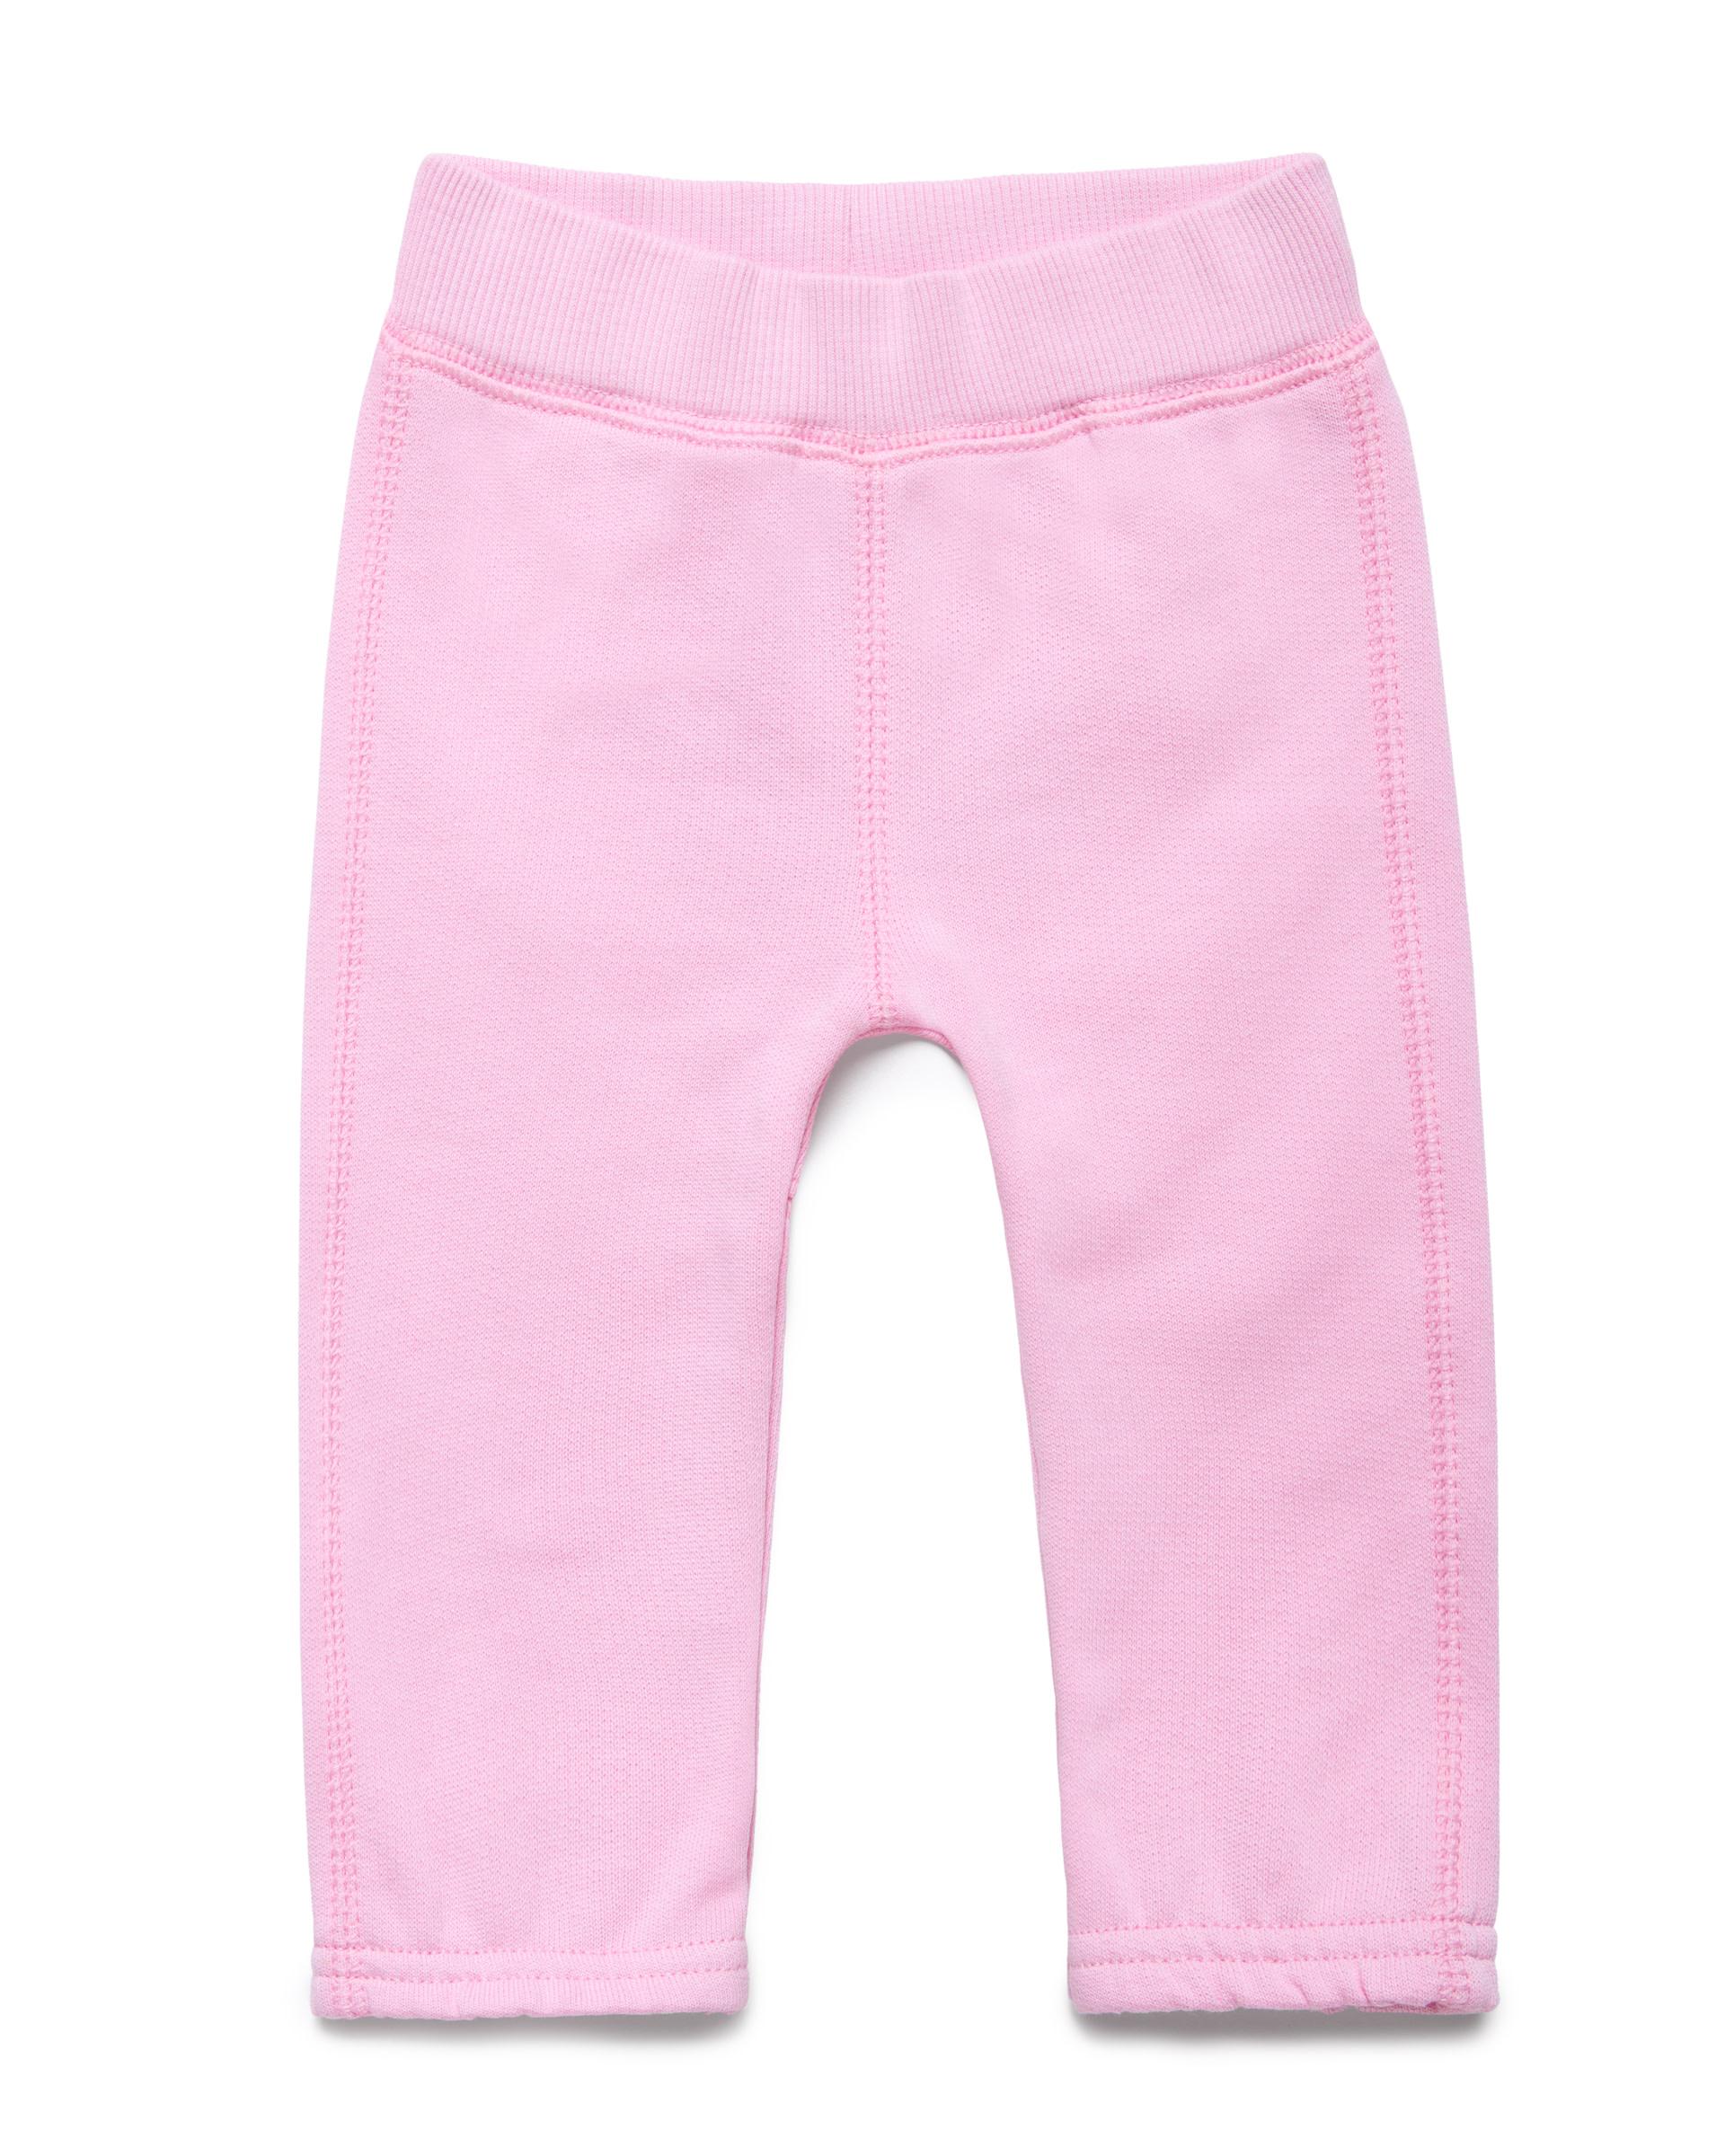 Купить 20P_3J70MF238_14P, Спортивные брюки для девочек Benetton 3J70MF238_14P р-р 82, United Colors of Benetton, Детские брюки и шорты